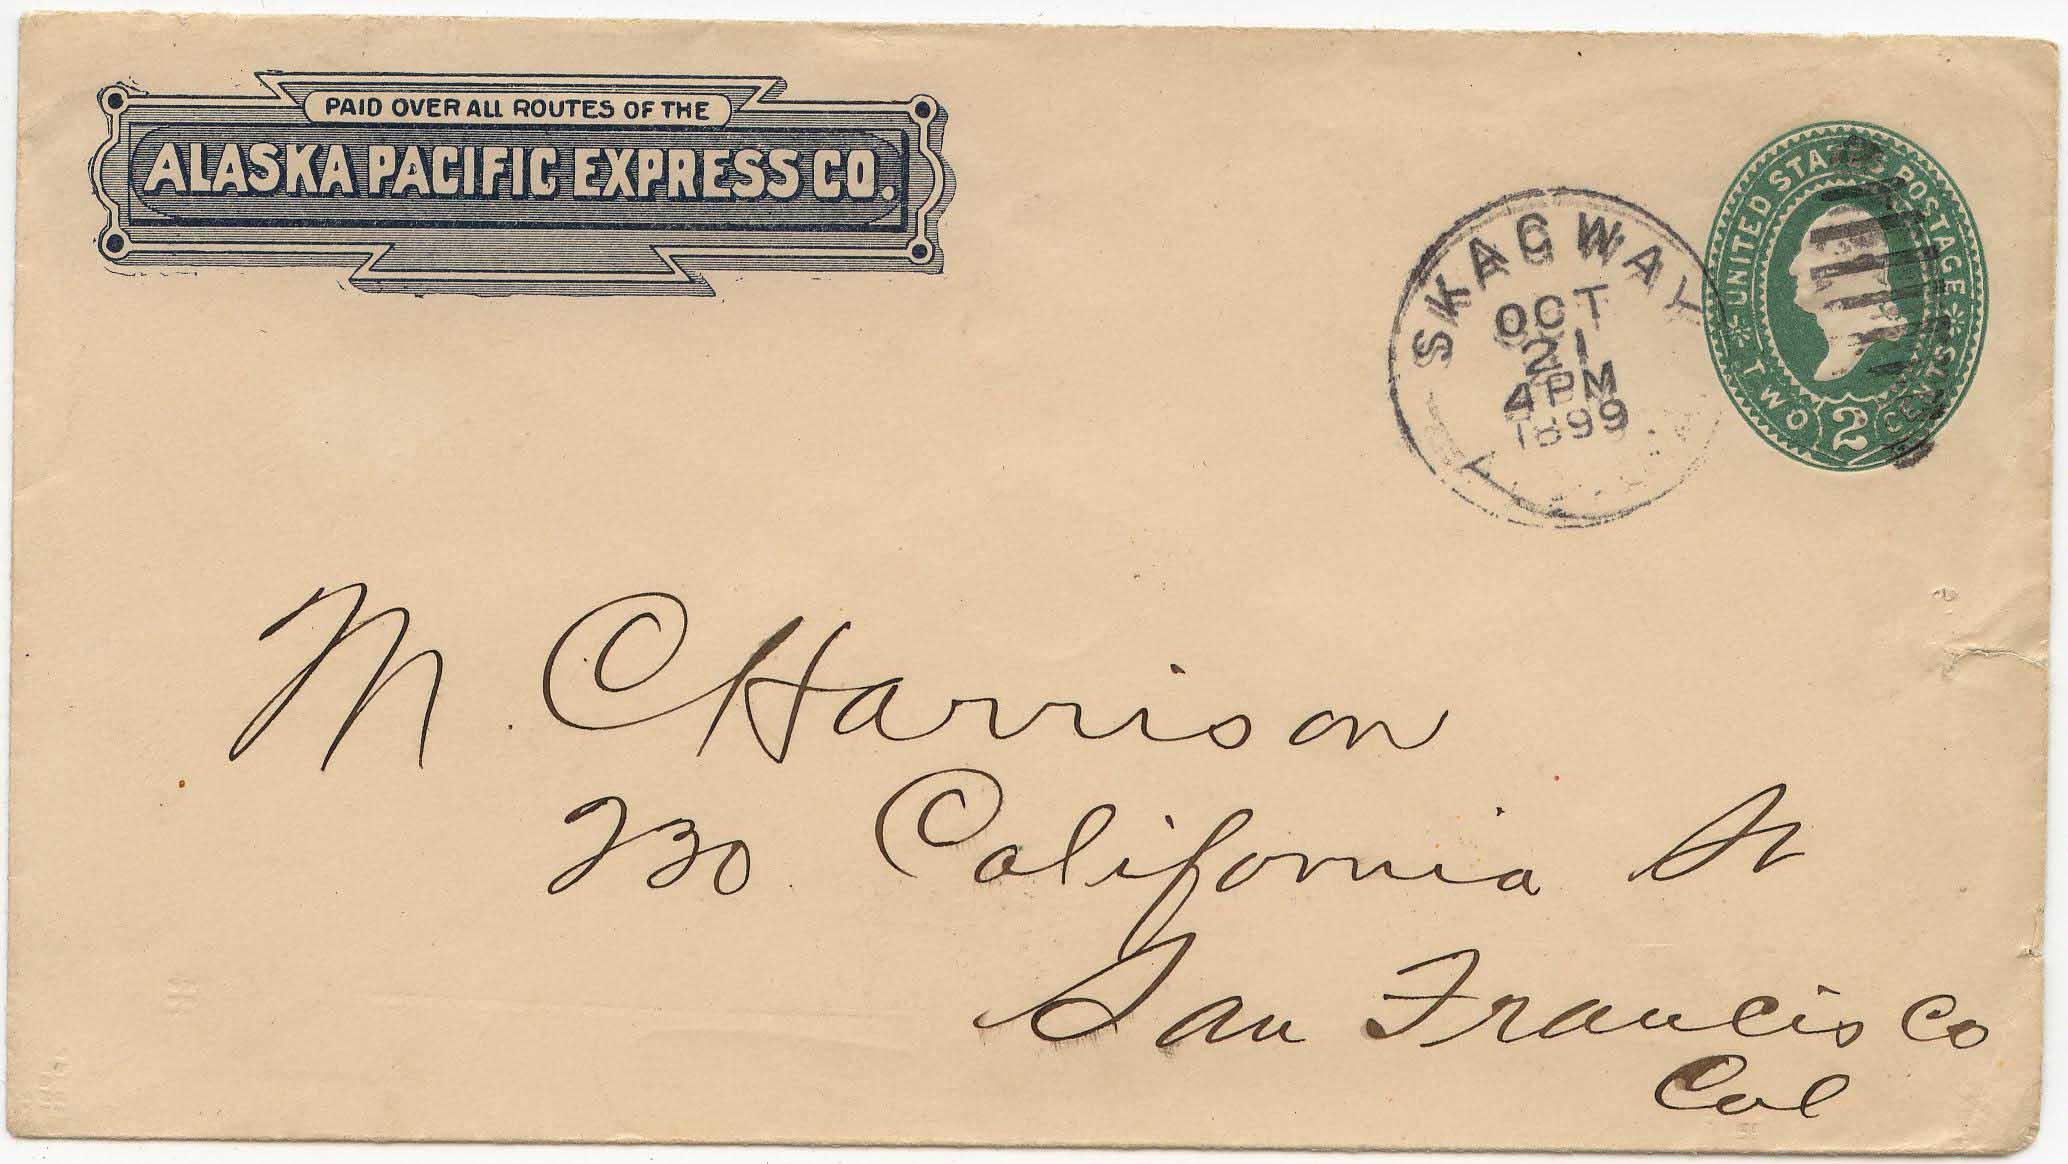 AlaskaPacific Frank Skagway 1899 0903 Mader